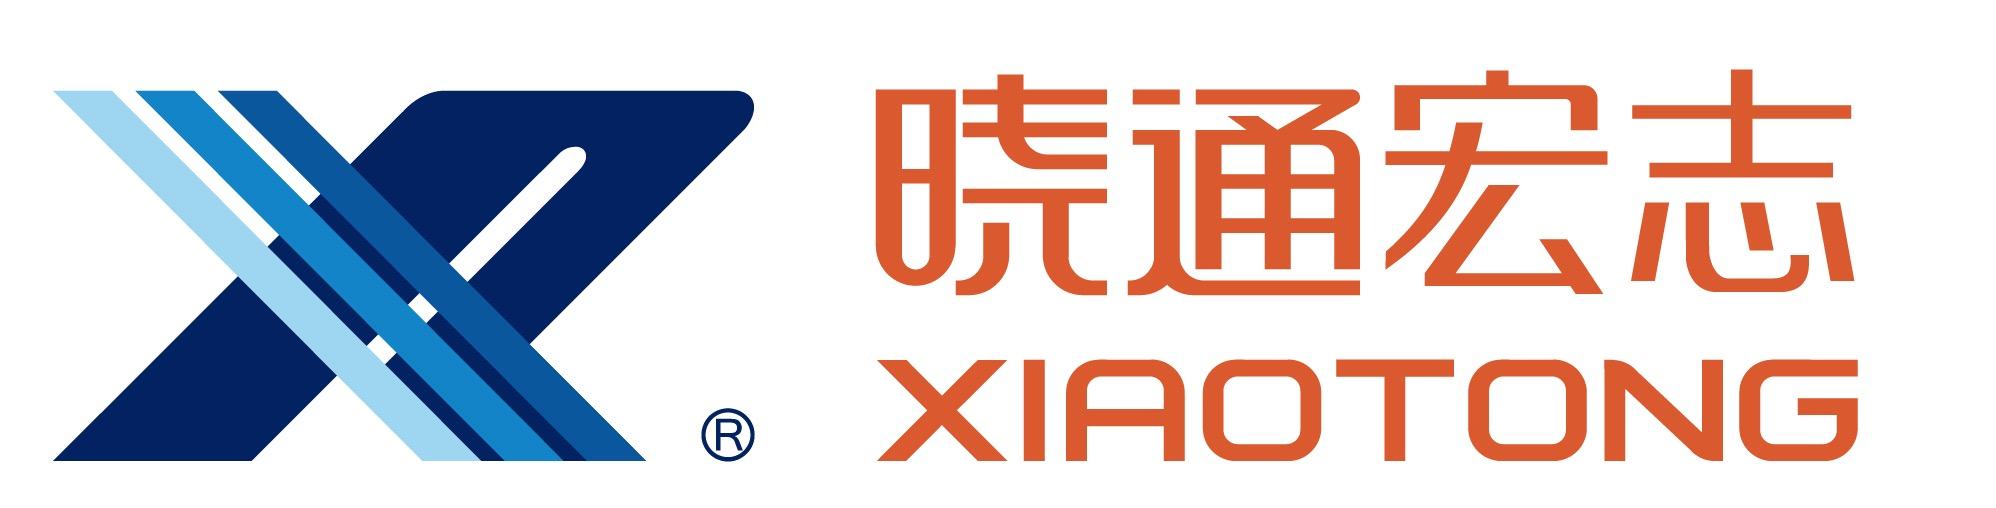 Xiaotong_tech